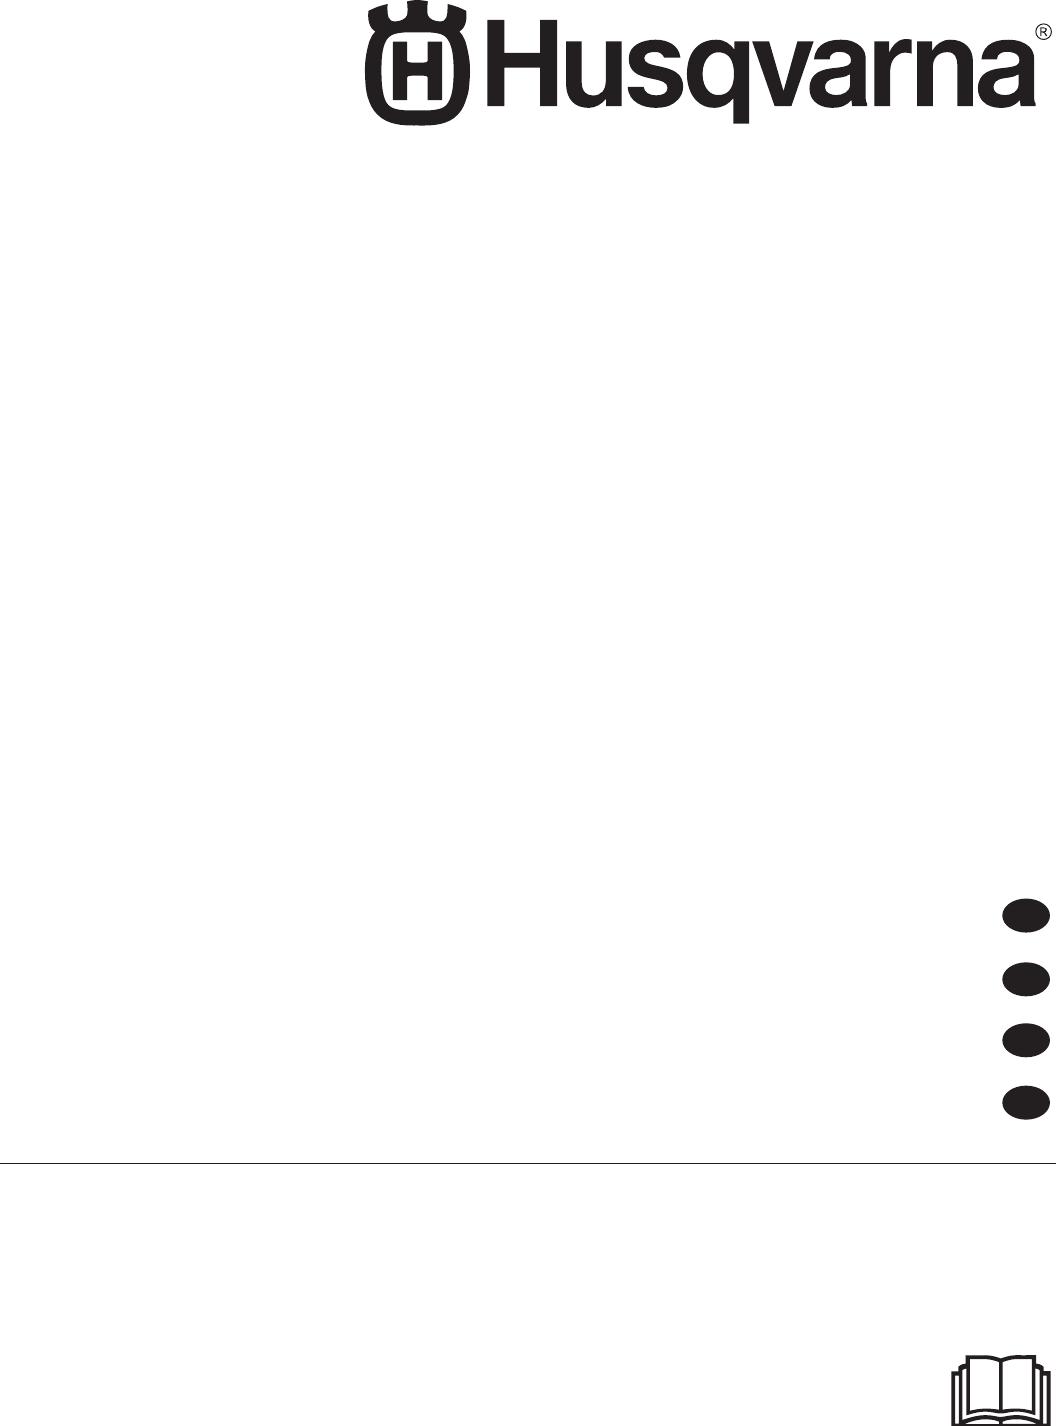 bedienungsanleitung husqvarna automower 330x seite 1 von 48 deutsch franz sisch holl ndisch. Black Bedroom Furniture Sets. Home Design Ideas